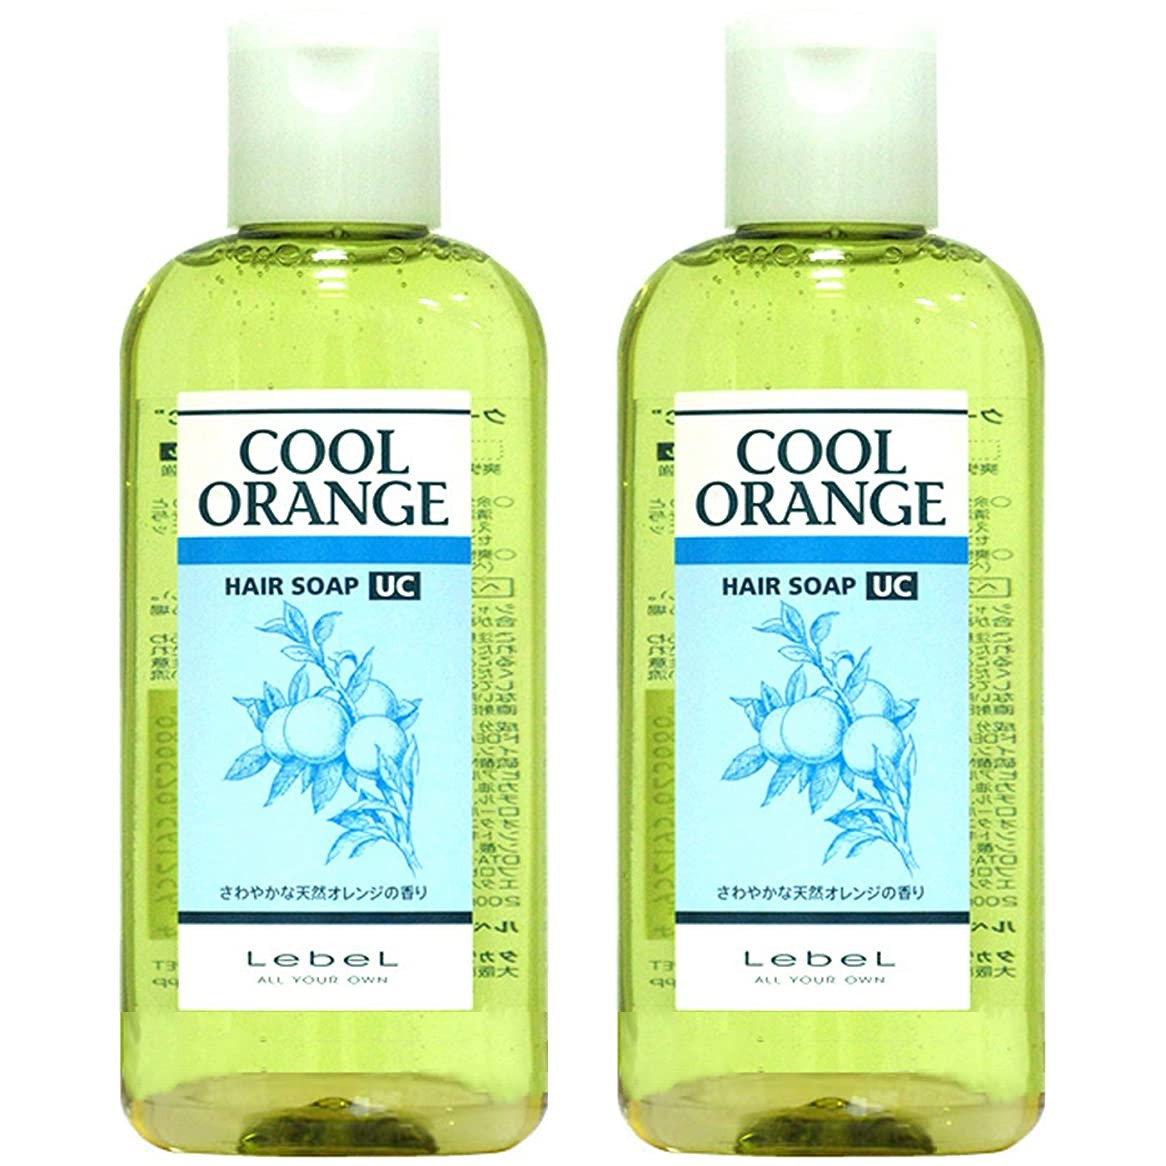 おとうさん自動祭りルベル クールオレンジ ヘアソープUC シャンプー 200ml ×2個セット Lebel COOL ORANGE ウルトラクールタイプ スキャルプケア